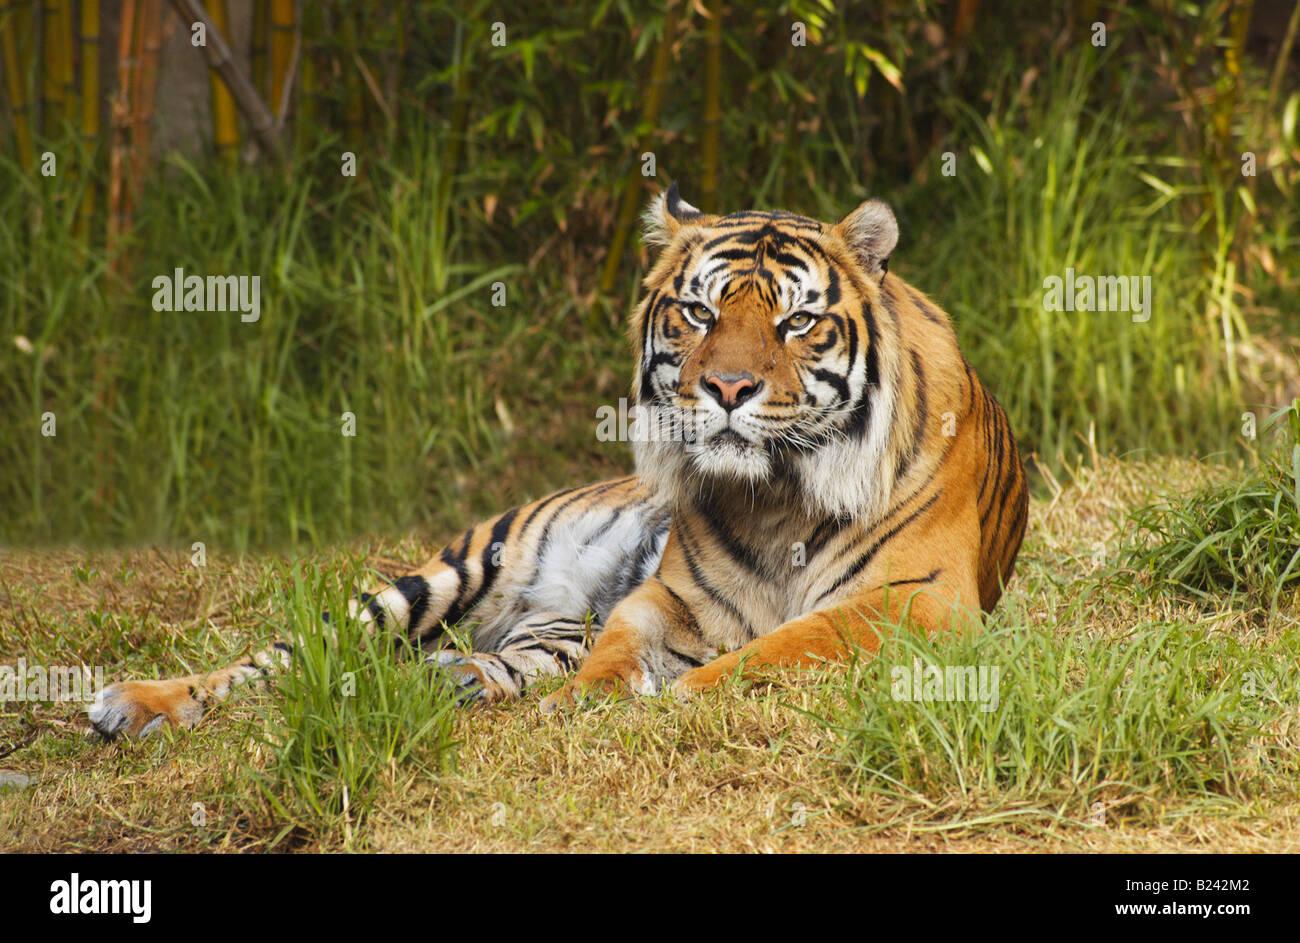 Ein Bengal Tiger Liegt Auf Dem Rasen Vor Bambus Wachstum Direkt Auf